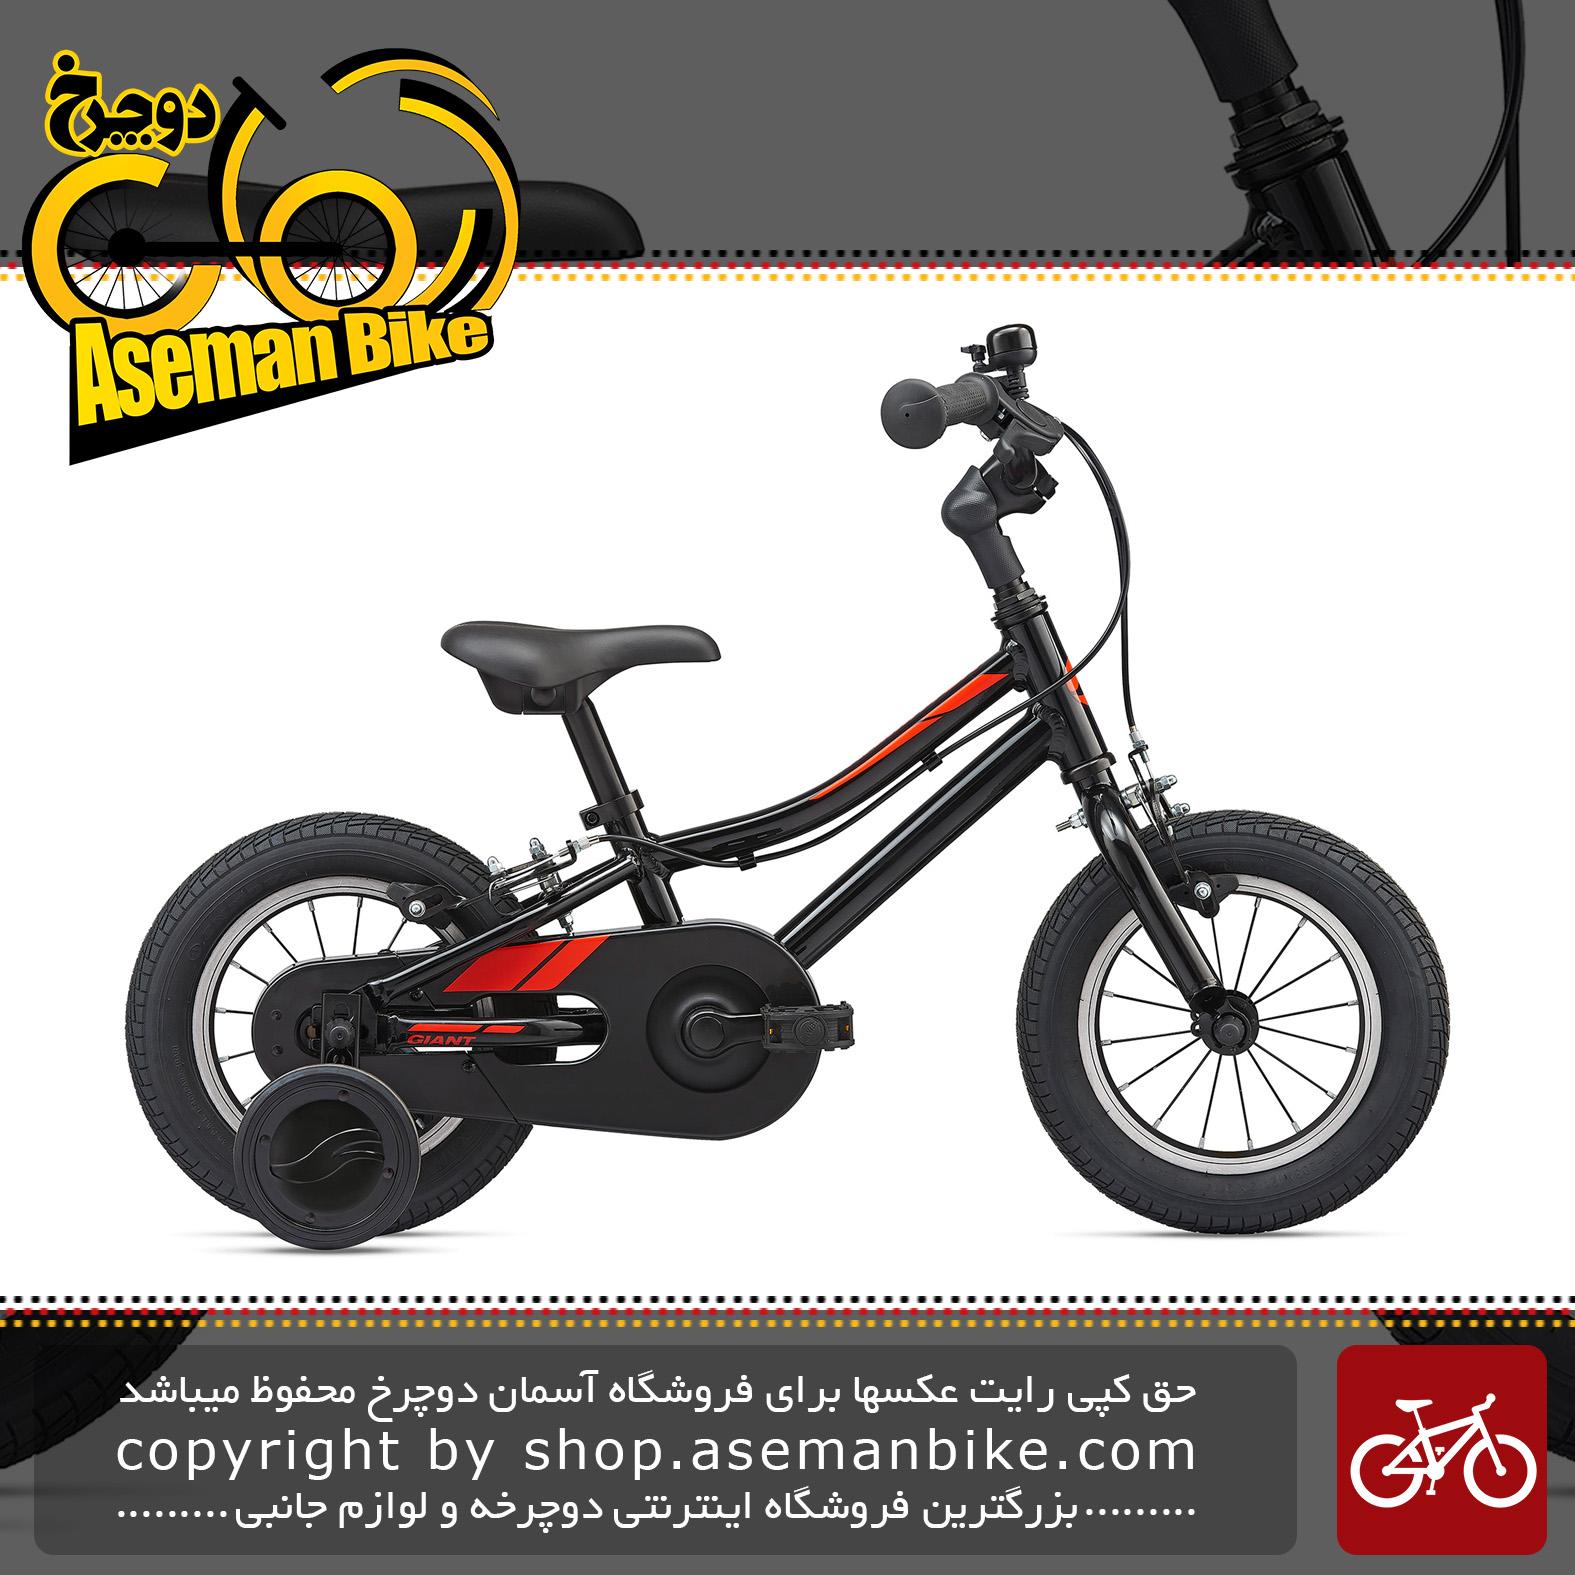 دوچرخه بچه گانه جاینت مدل انیماتور اف دبلیو سایز 12 2020 Giant Kids Bicycle Animator F/W 12 2020